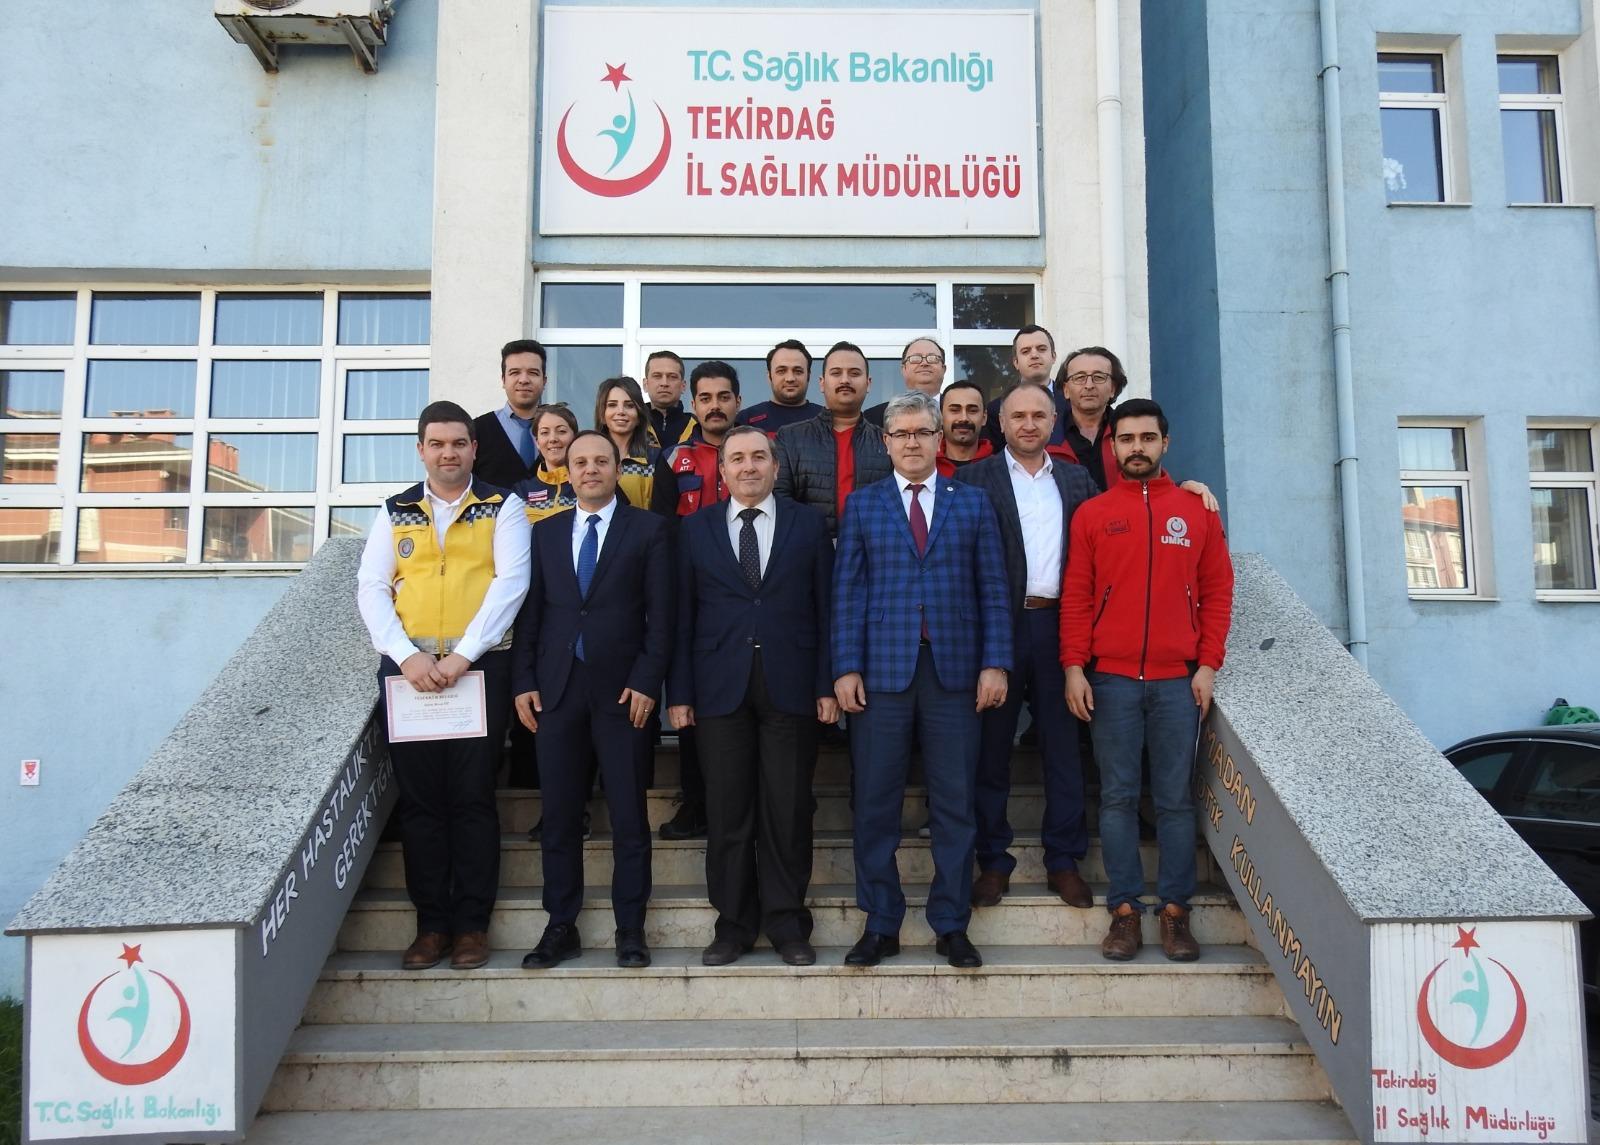 112 Acil Sağlık Hizmetleri ve UMKE Personellerine Teşekkür Belgesi Töreni Düzenlendi